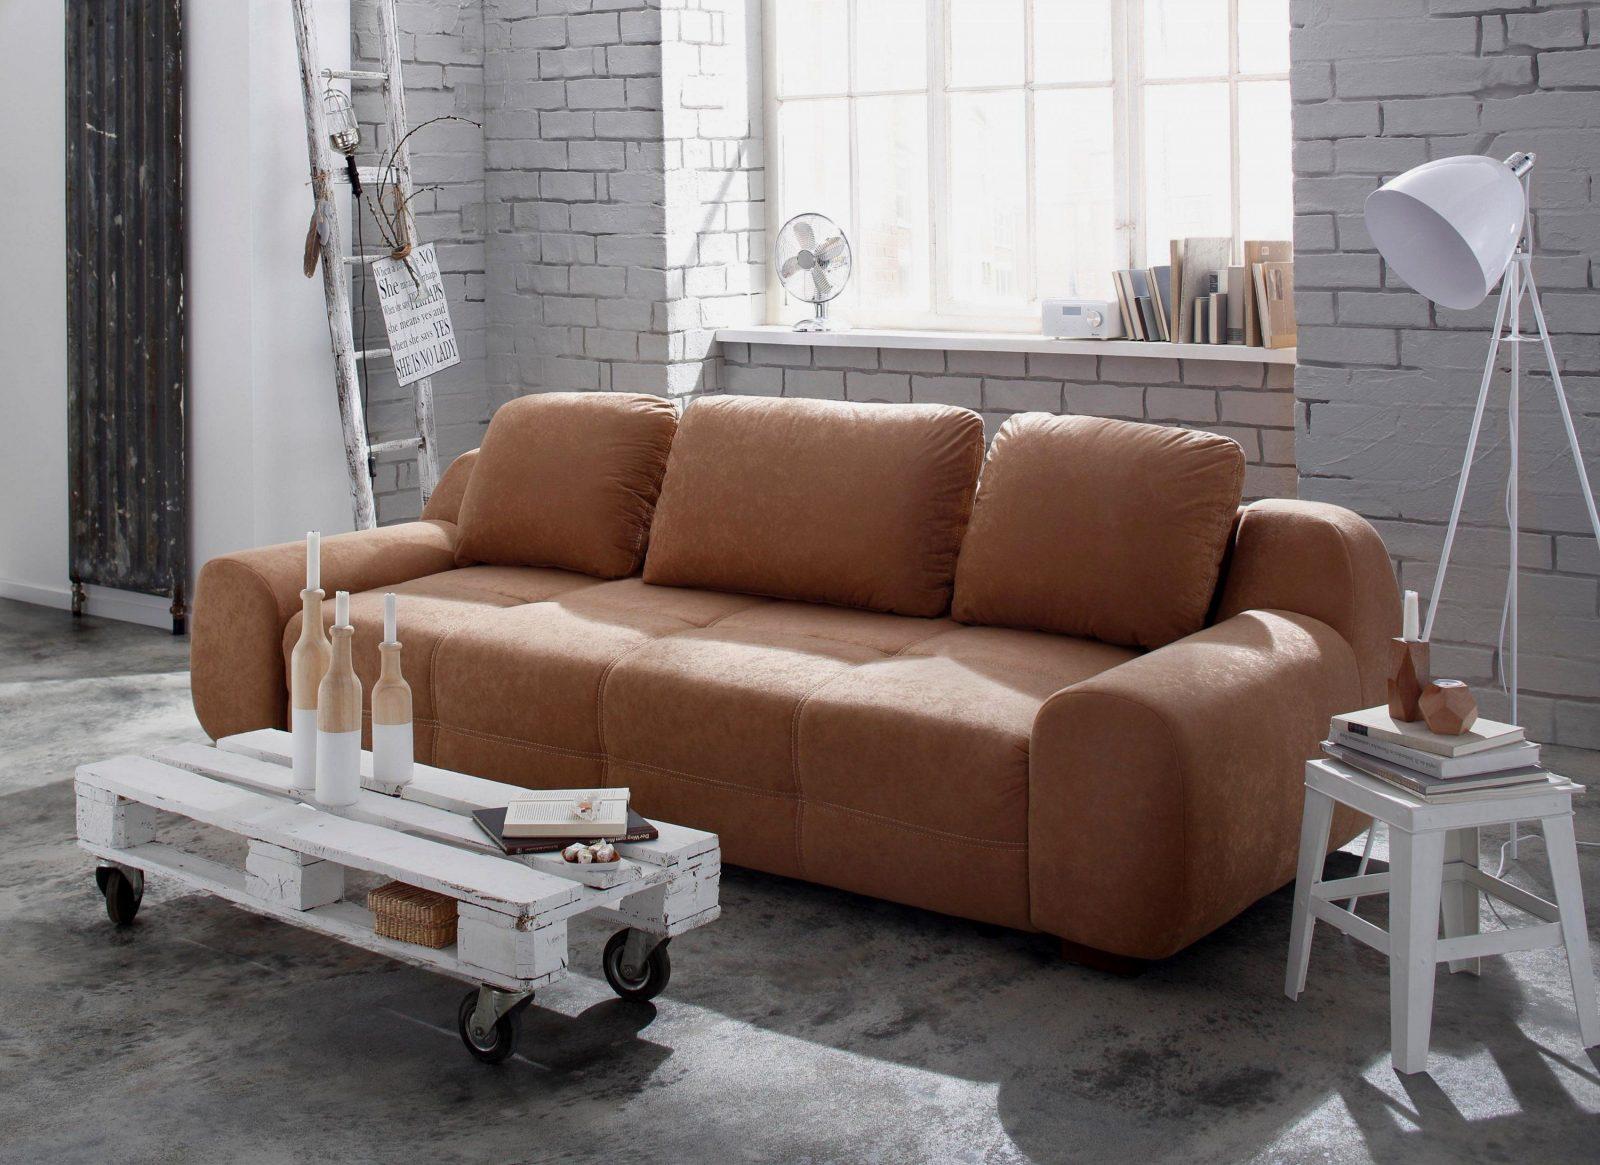 sofa raten kaufen trotz schufa bestellen auf rechnung. Black Bedroom Furniture Sets. Home Design Ideas